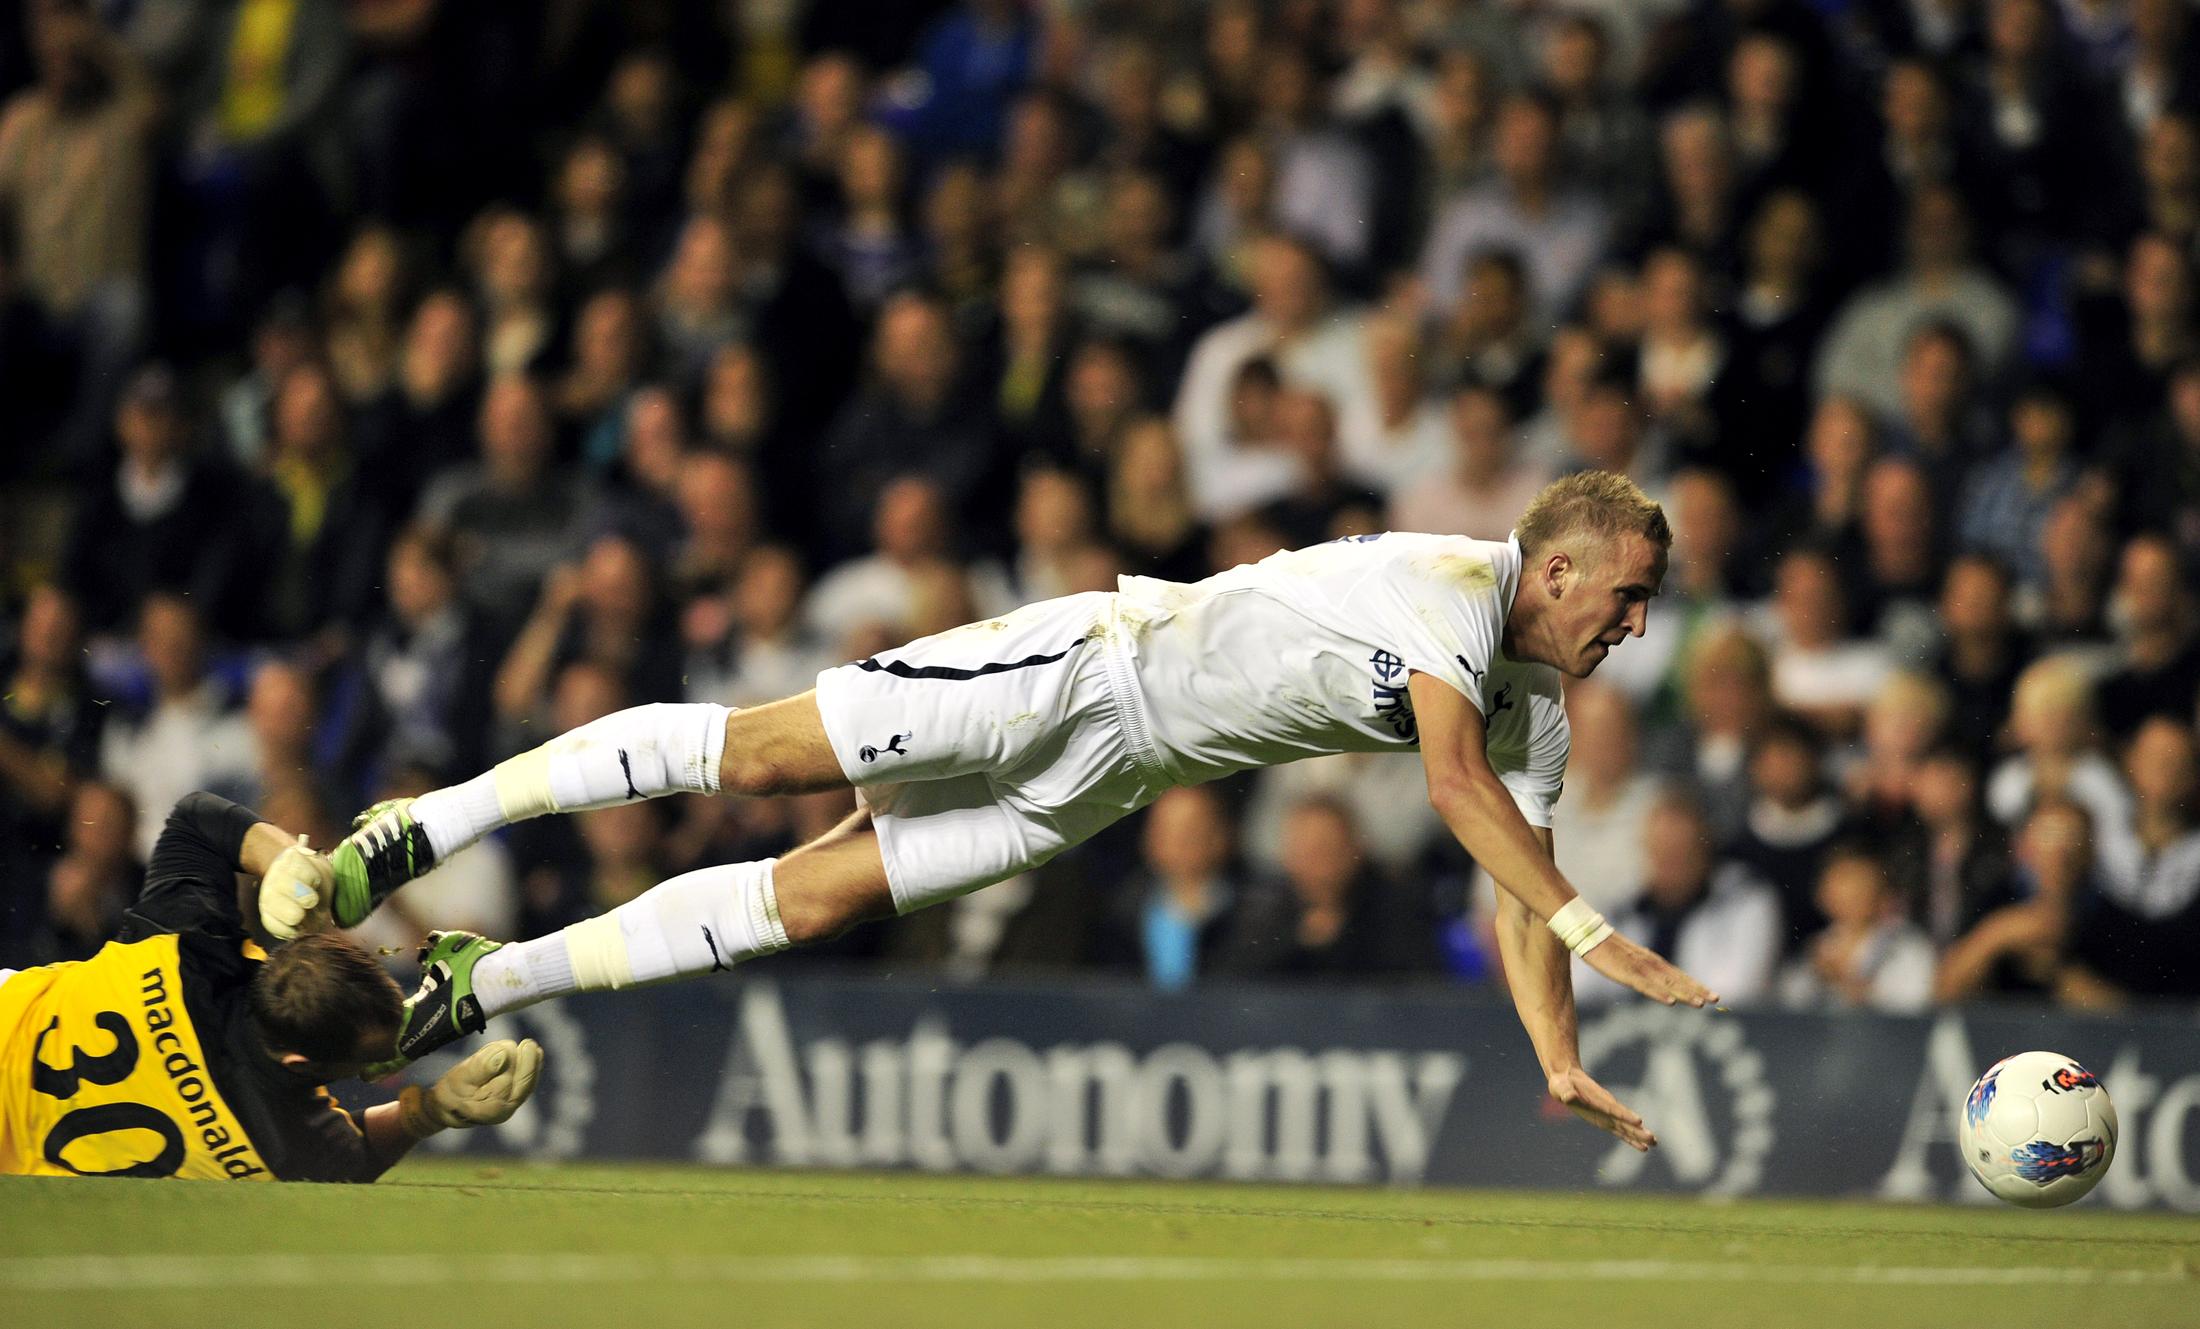 Tottenham Hotspur's English striker Harr